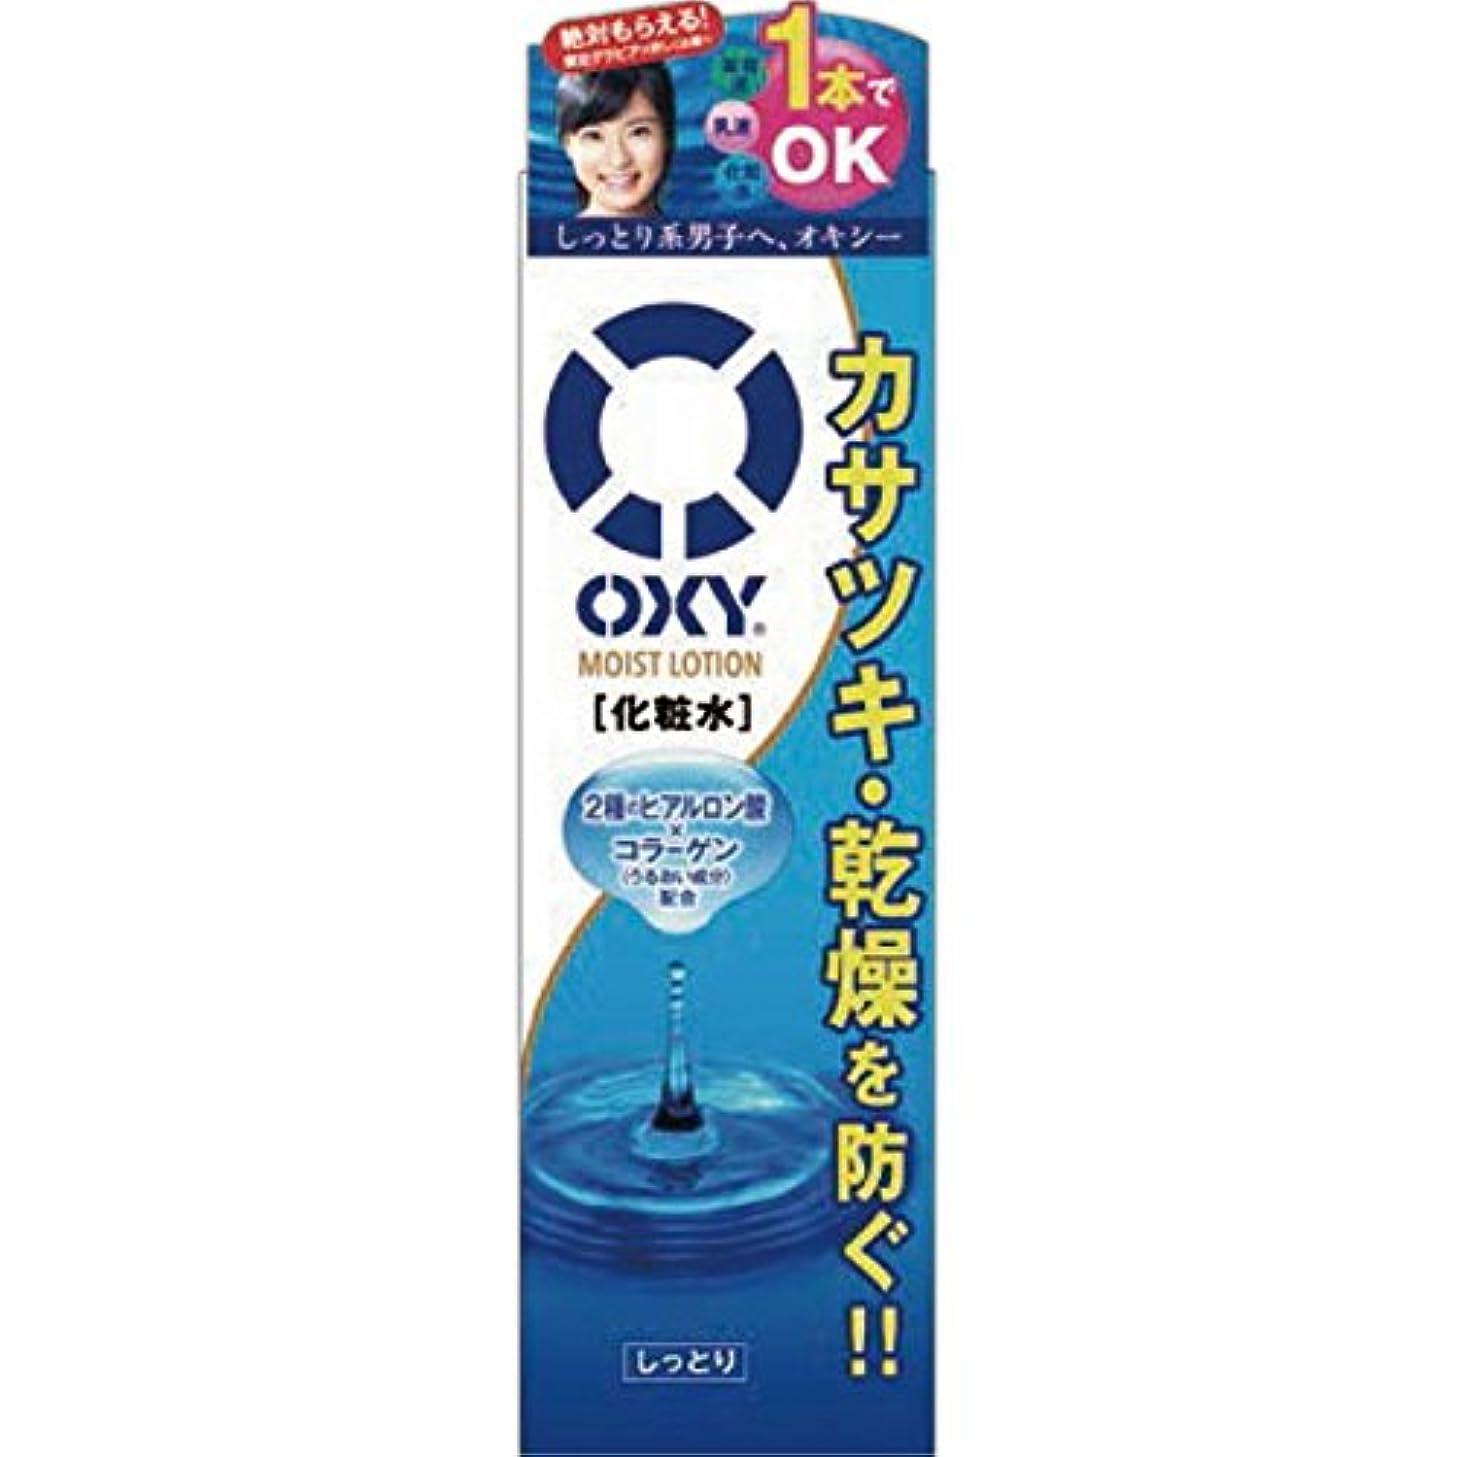 折り目オアシス上下するオキシー (Oxy) モイストローション オールインワン化粧水 2種のヒアルロン酸×コラーゲン配合 ゼラニウムの香 170mL